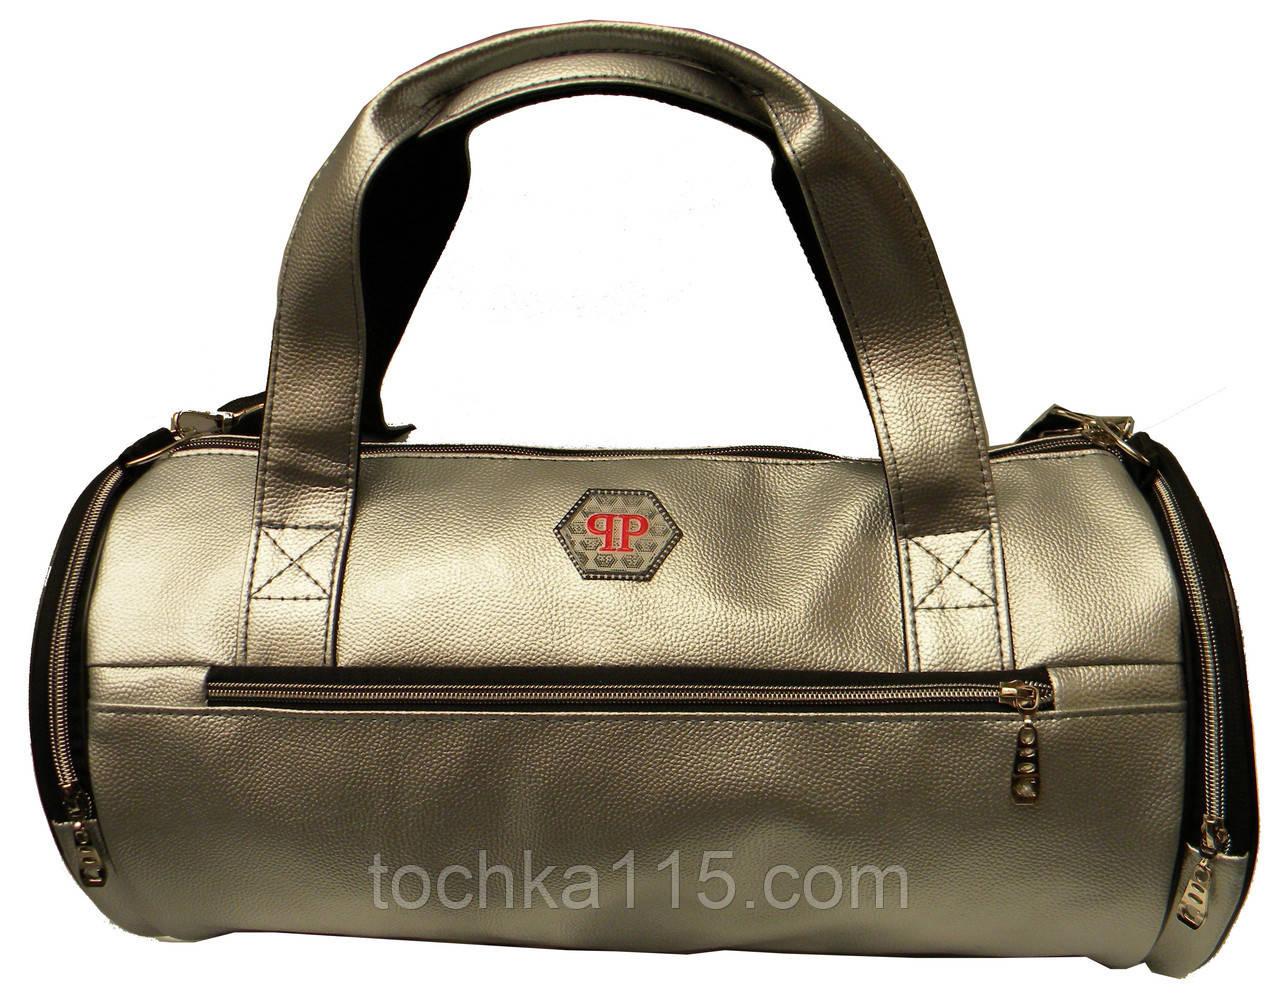 3189ef1a Кожаная сумка бочка Philipp Plein, мужская сумка, женская сумка для  тренировок Филипп Плейн реплика ...